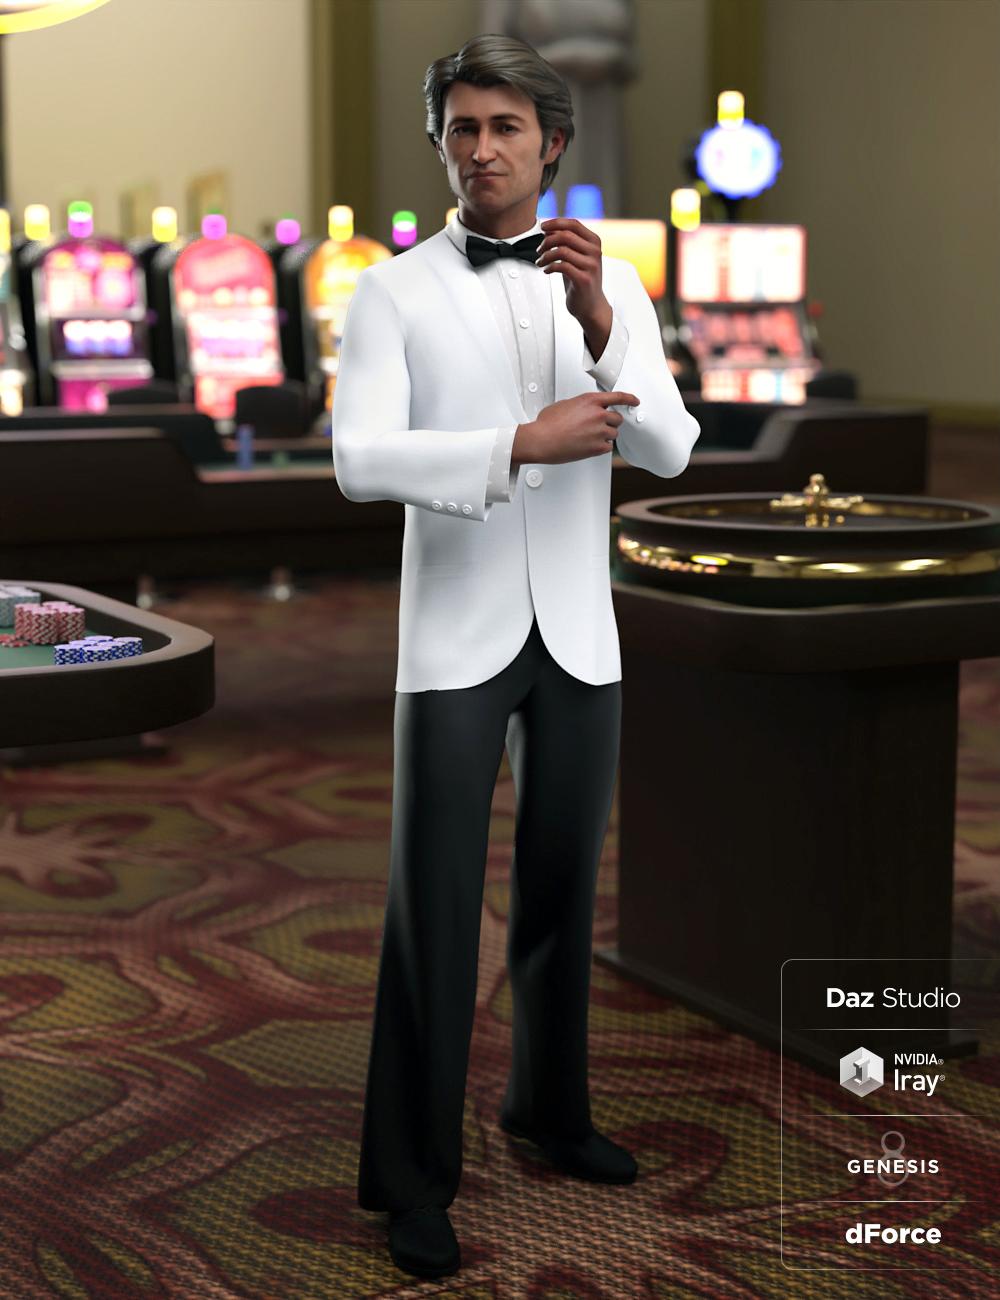 dForce Monte Carlo Suit for Genesis 8 Male(s) by: Moonscape GraphicsNikisatezSade, 3D Models by Daz 3D